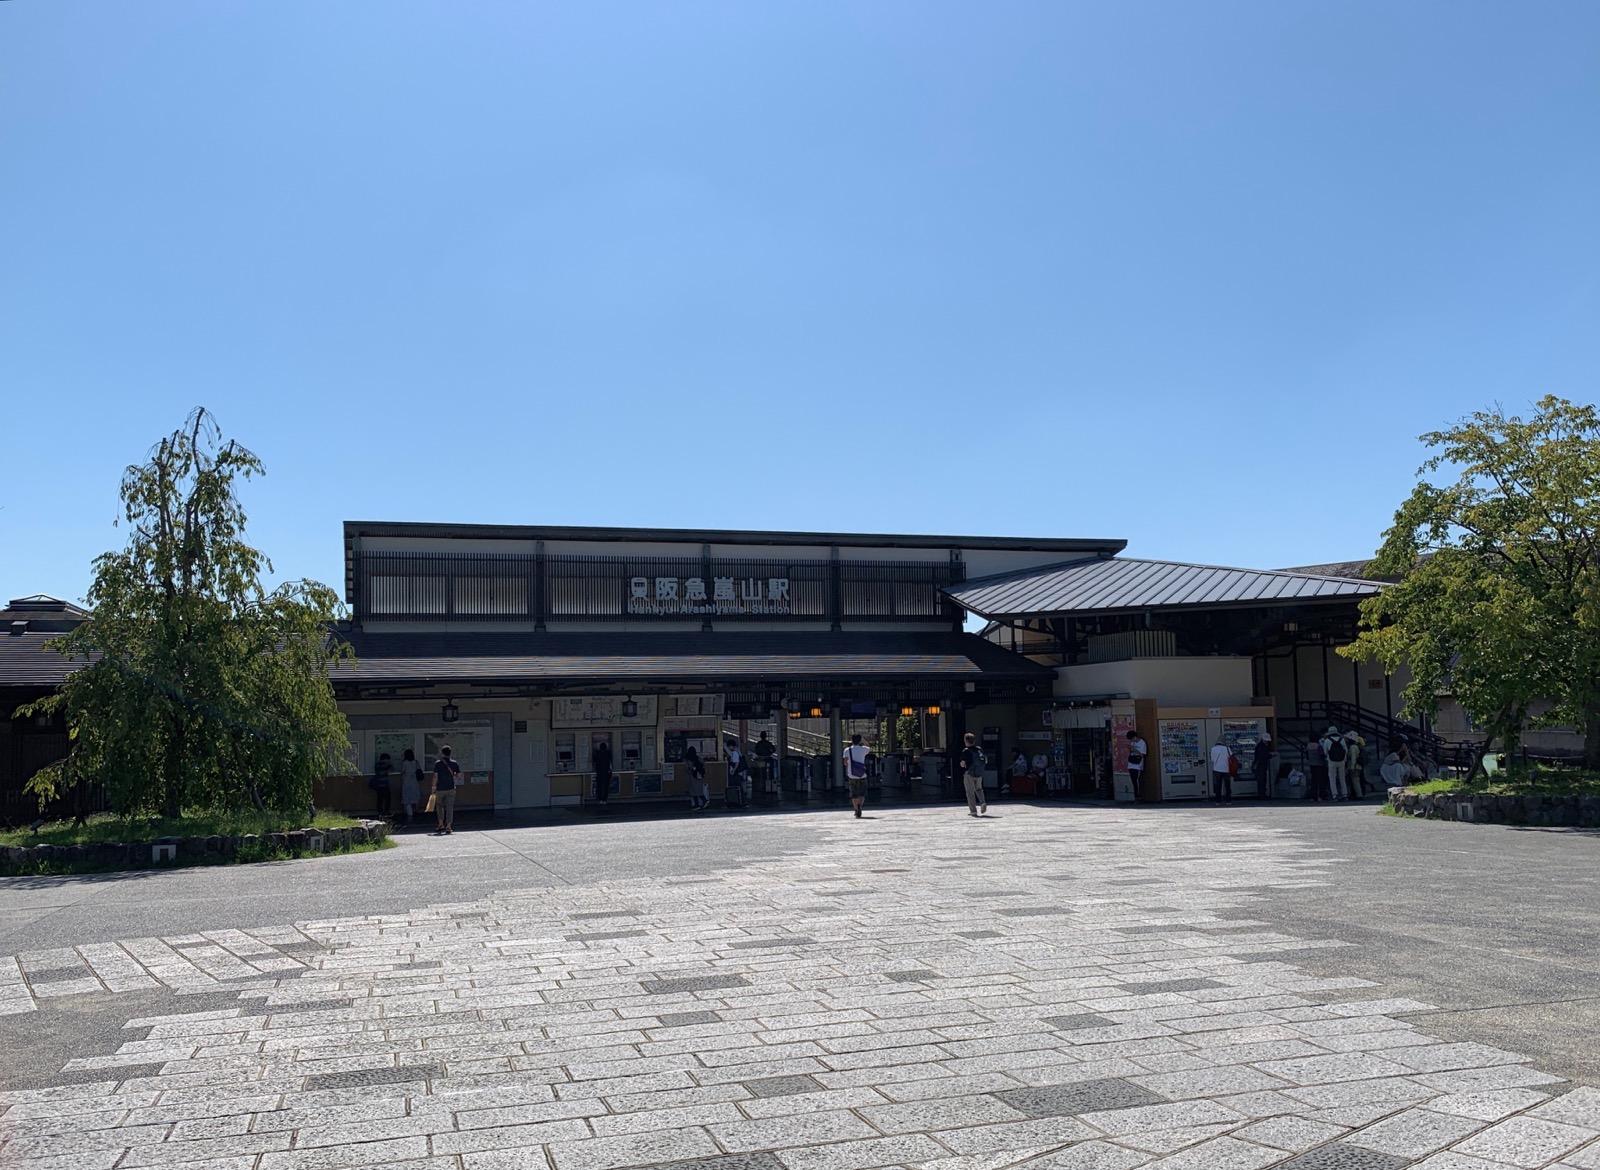 阪急嵐山駅 hankyu